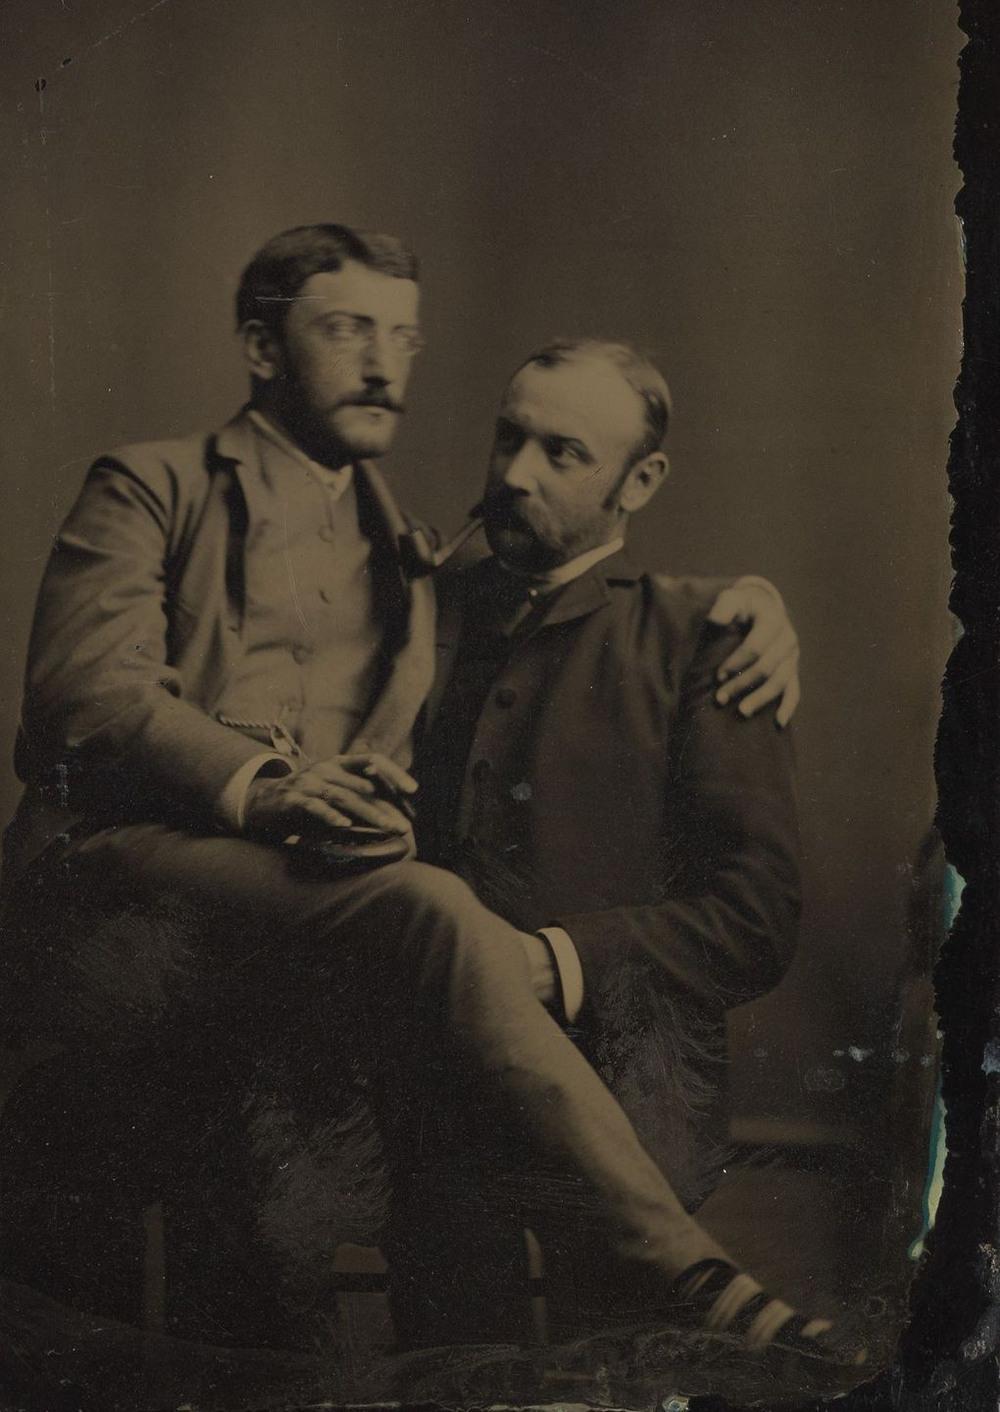 Броманс в викторианскую эпоху: интимные мужские объятия в редких фотографиях конца 1800-х годов  2